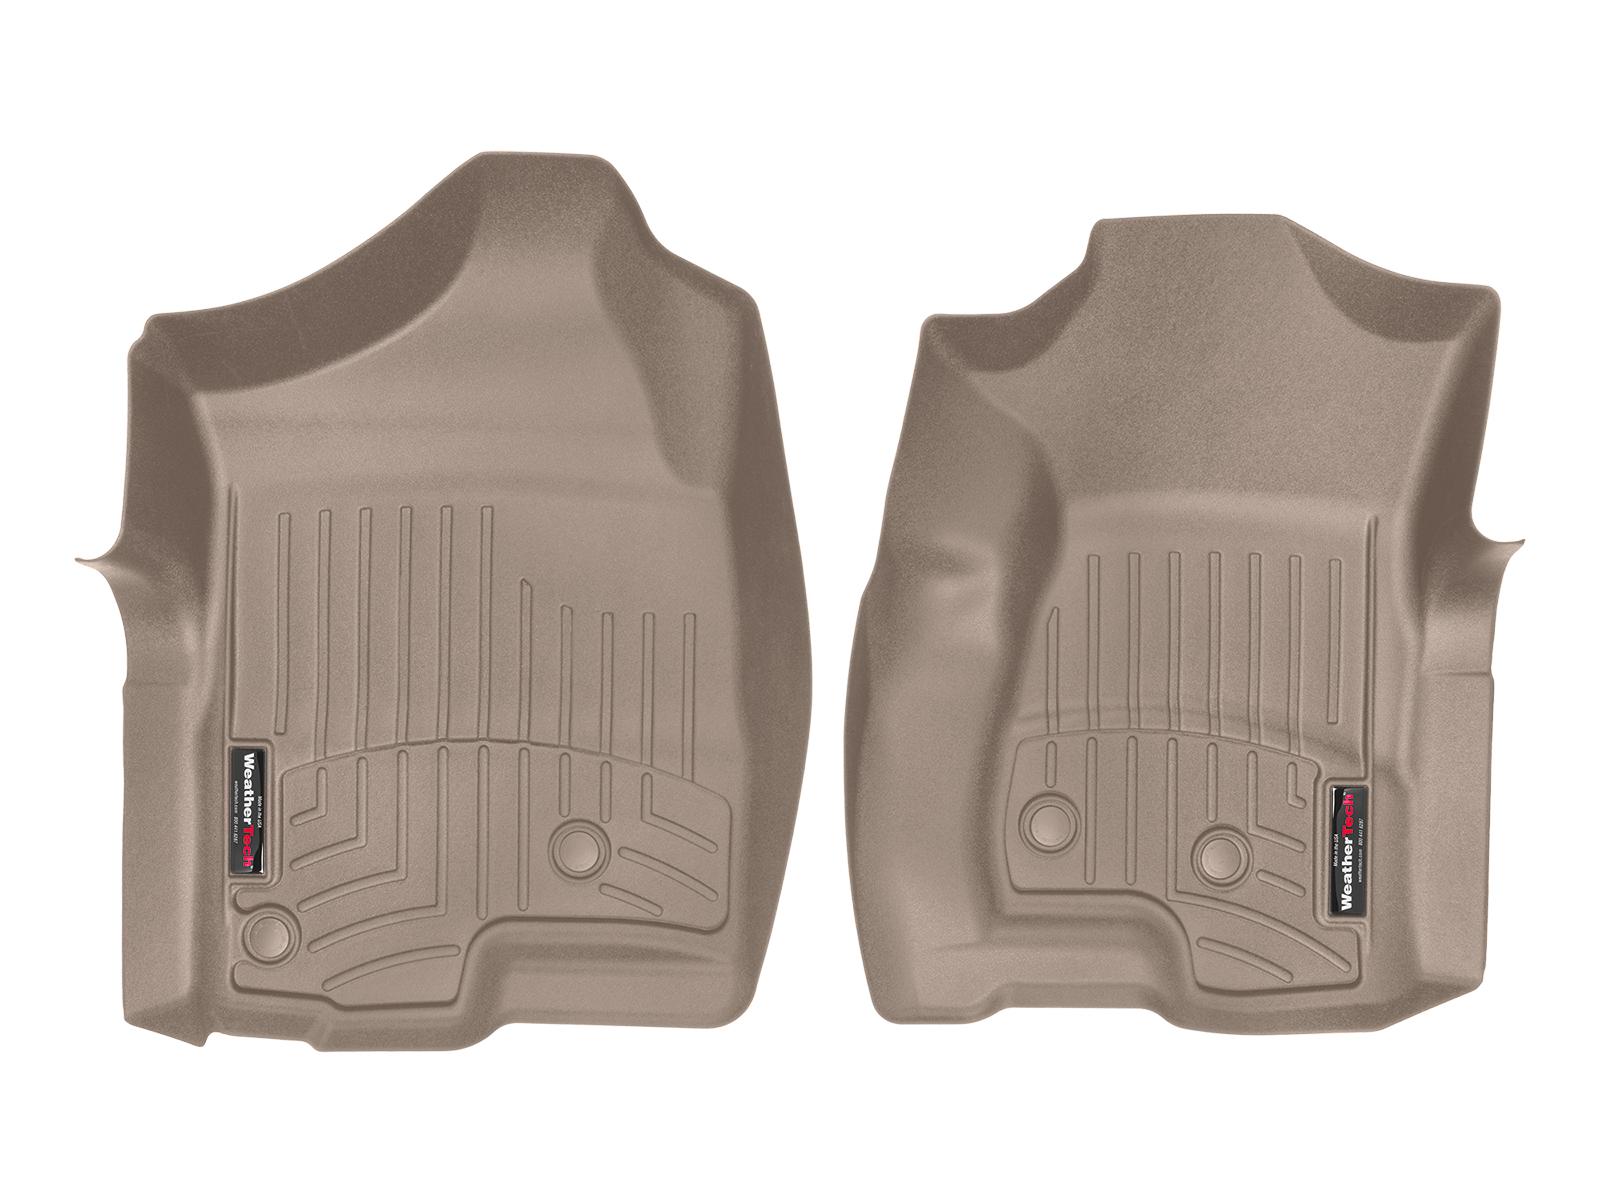 Tappeti gomma su misura bordo alto Chevrolet Silverado 01>06 Marrone A151